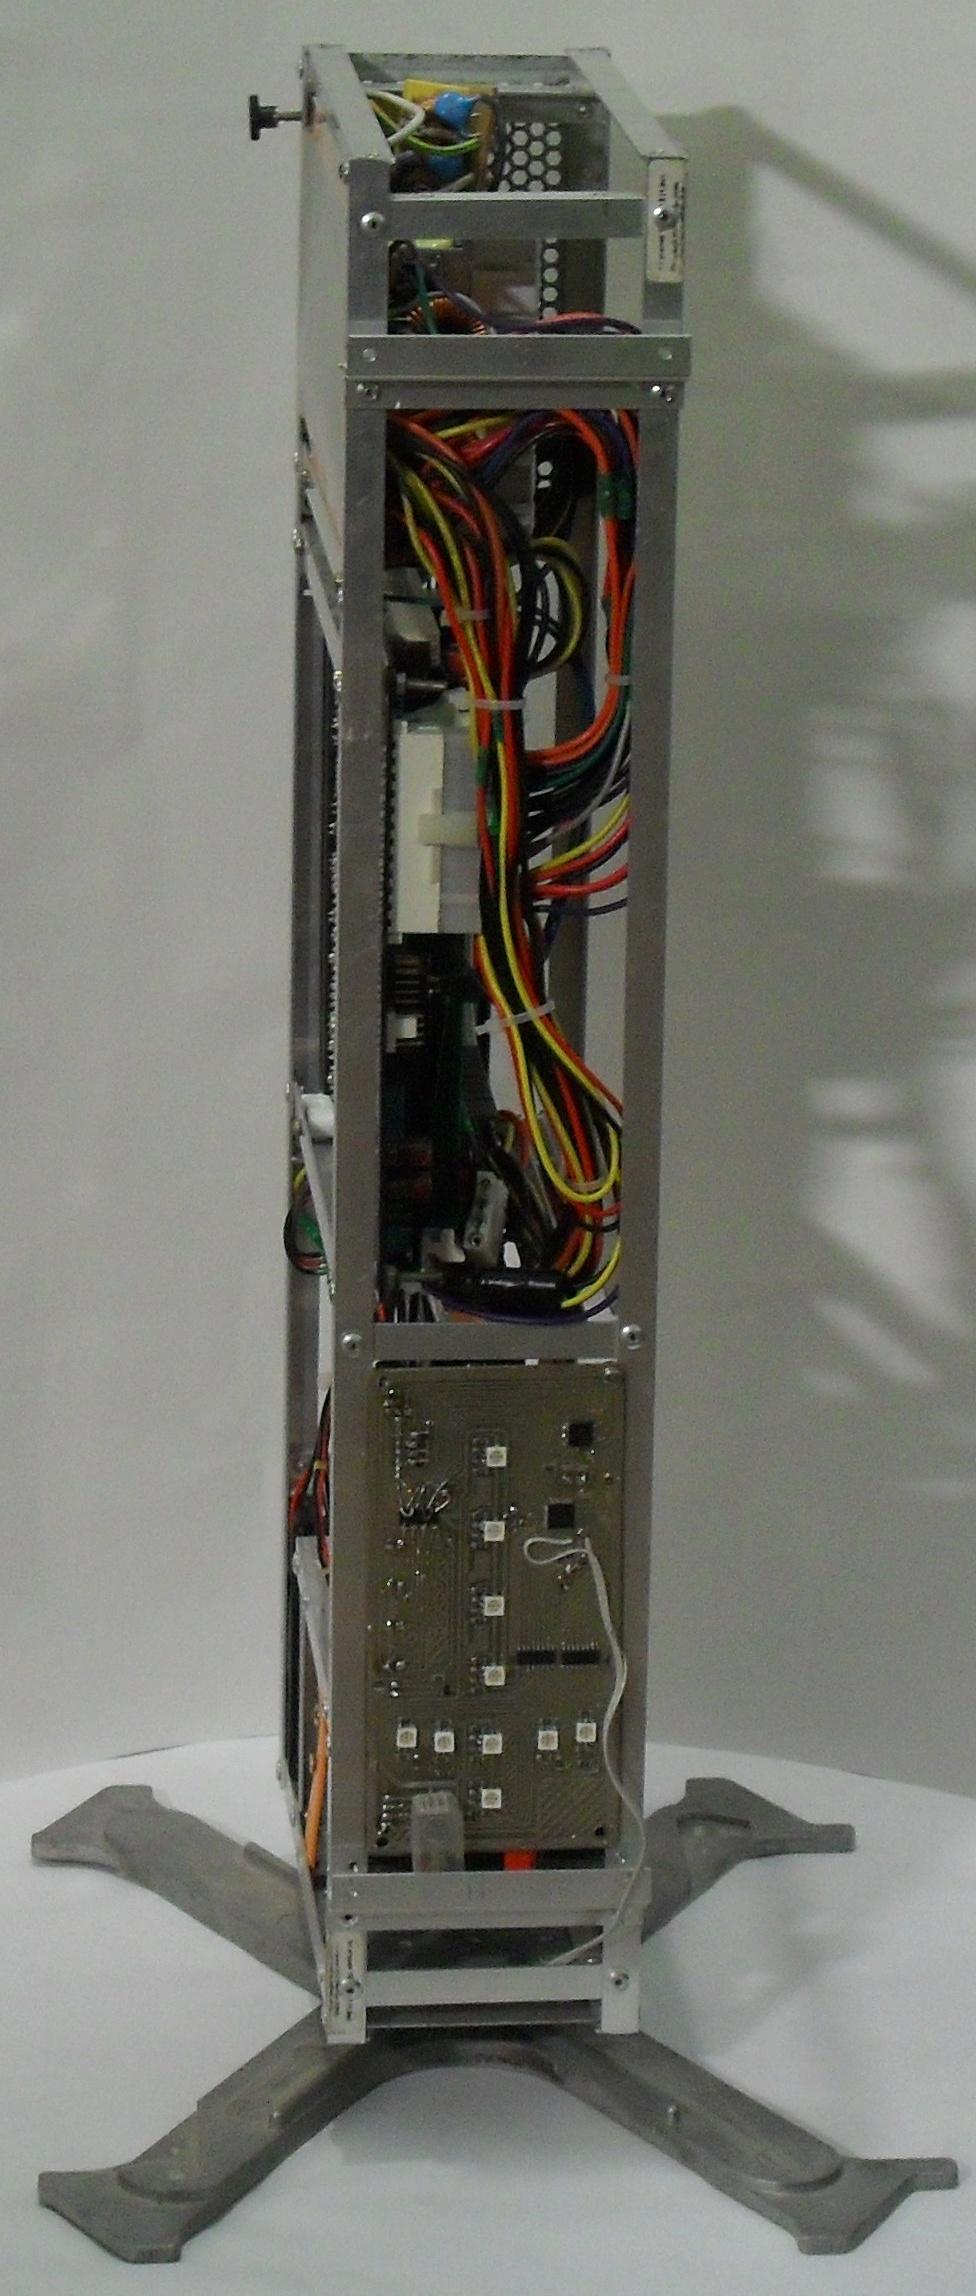 Еще один сервер из подручных средств с претензией на красоту - 36